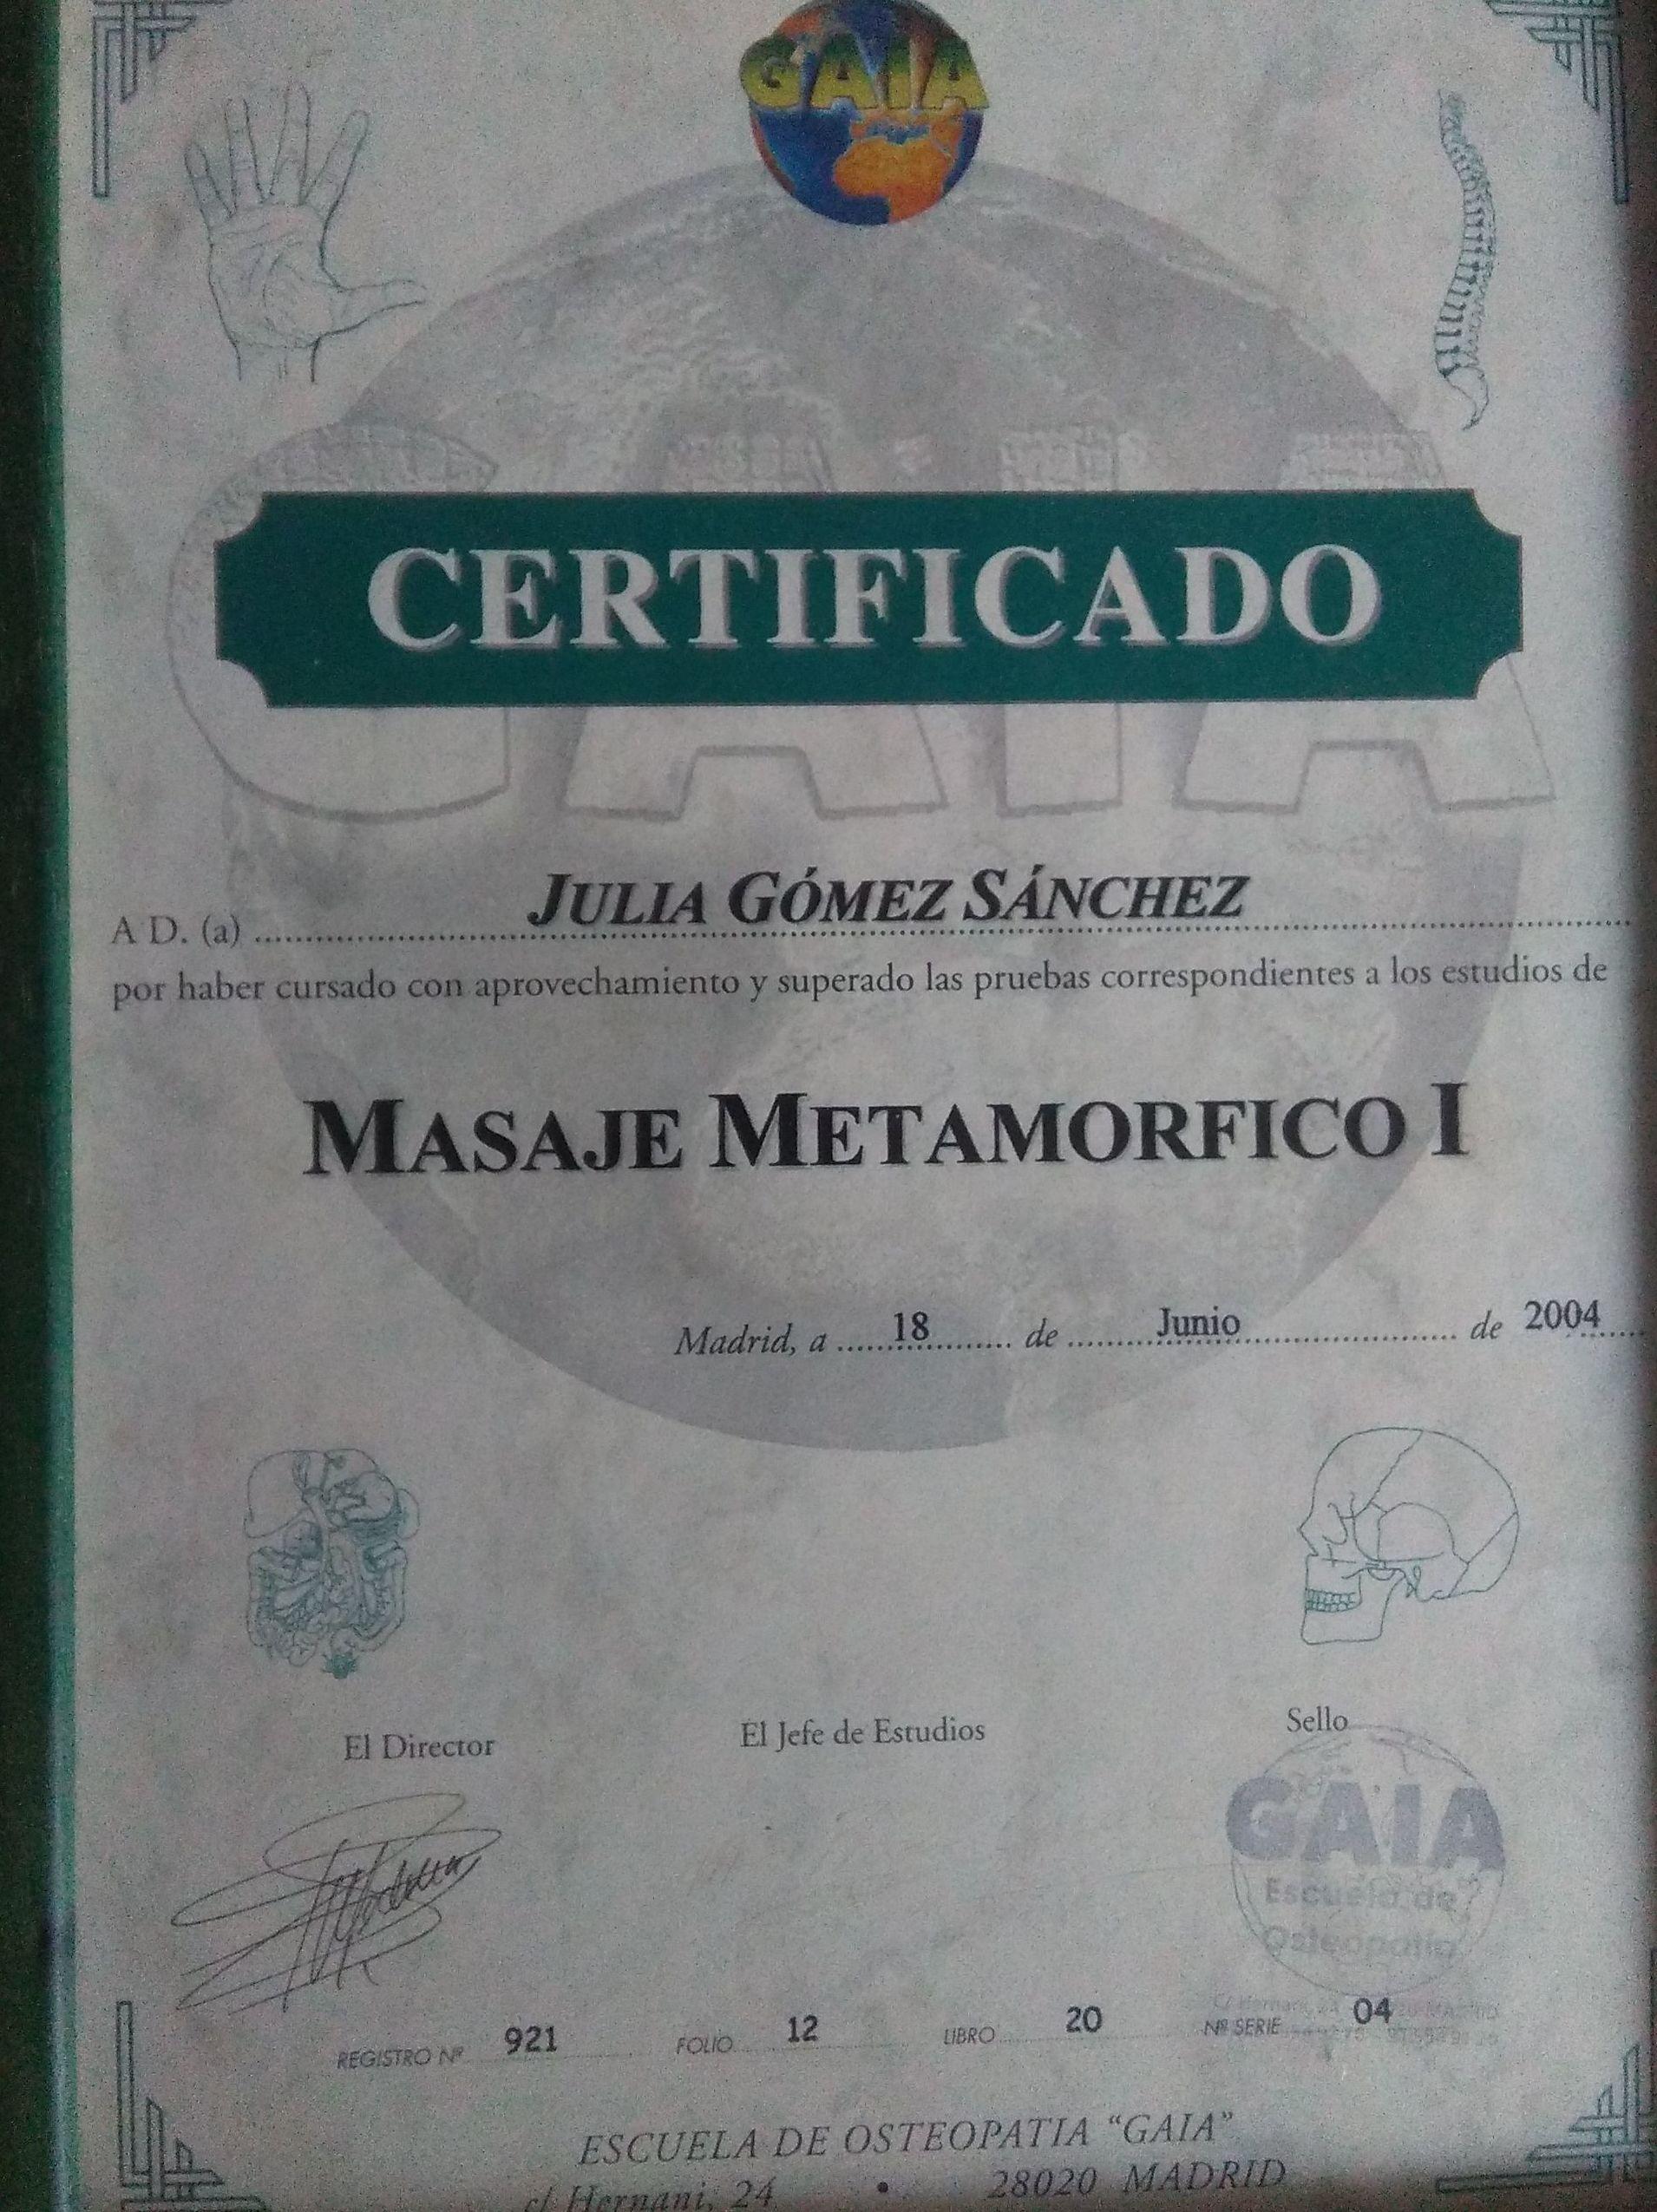 TECNICA METAMORFICA...TRABAJA EL EMBARAZO